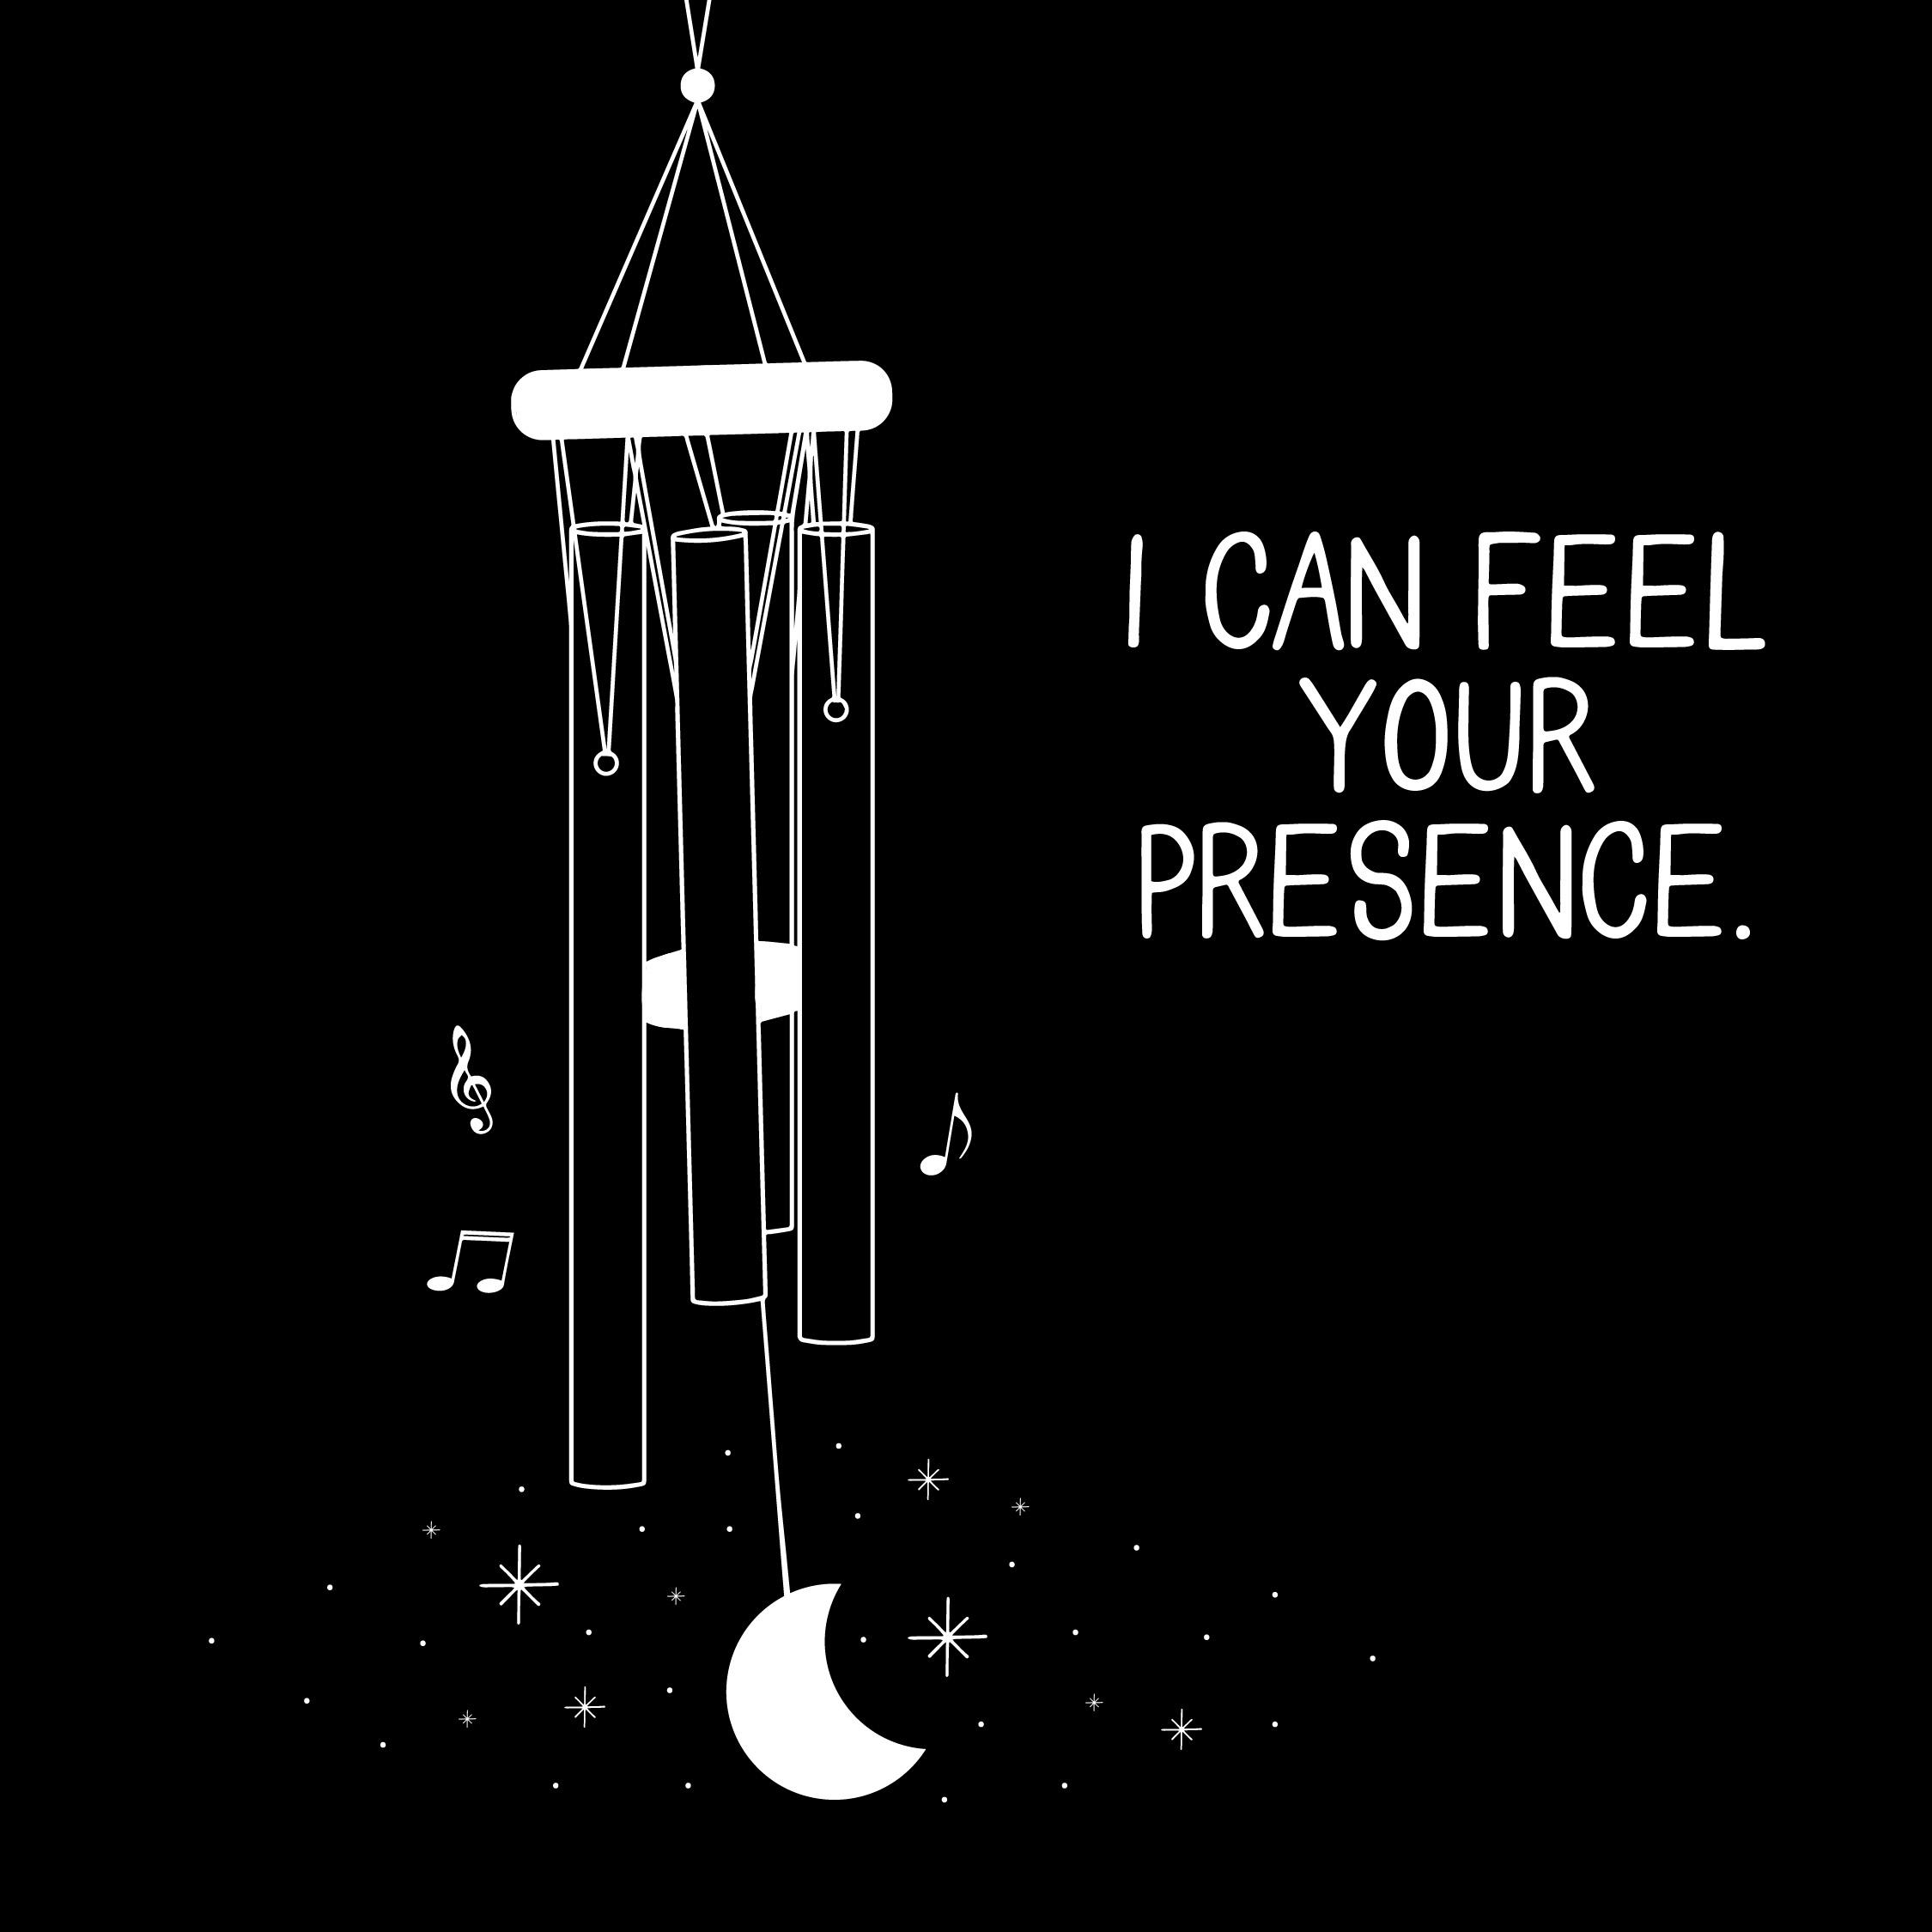 icanfeelyourpresence-01.jpg